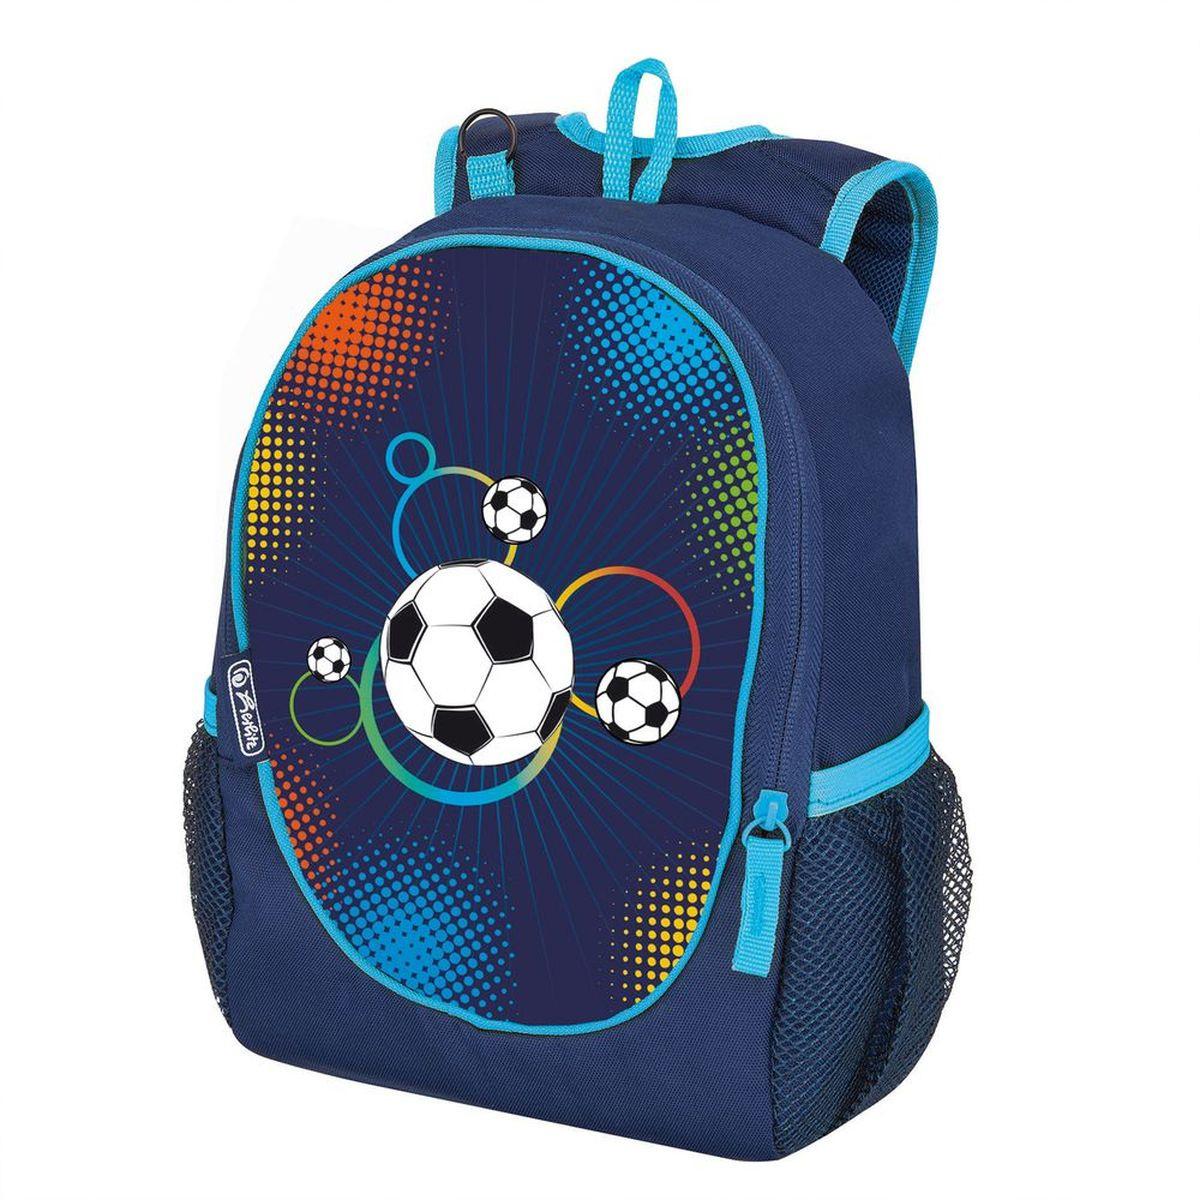 c6ba3b9169c0 Herlitz Рюкзак школьный Rookie Soccer — купить в интернет-магазине OZON.ru  с быстрой доставкой